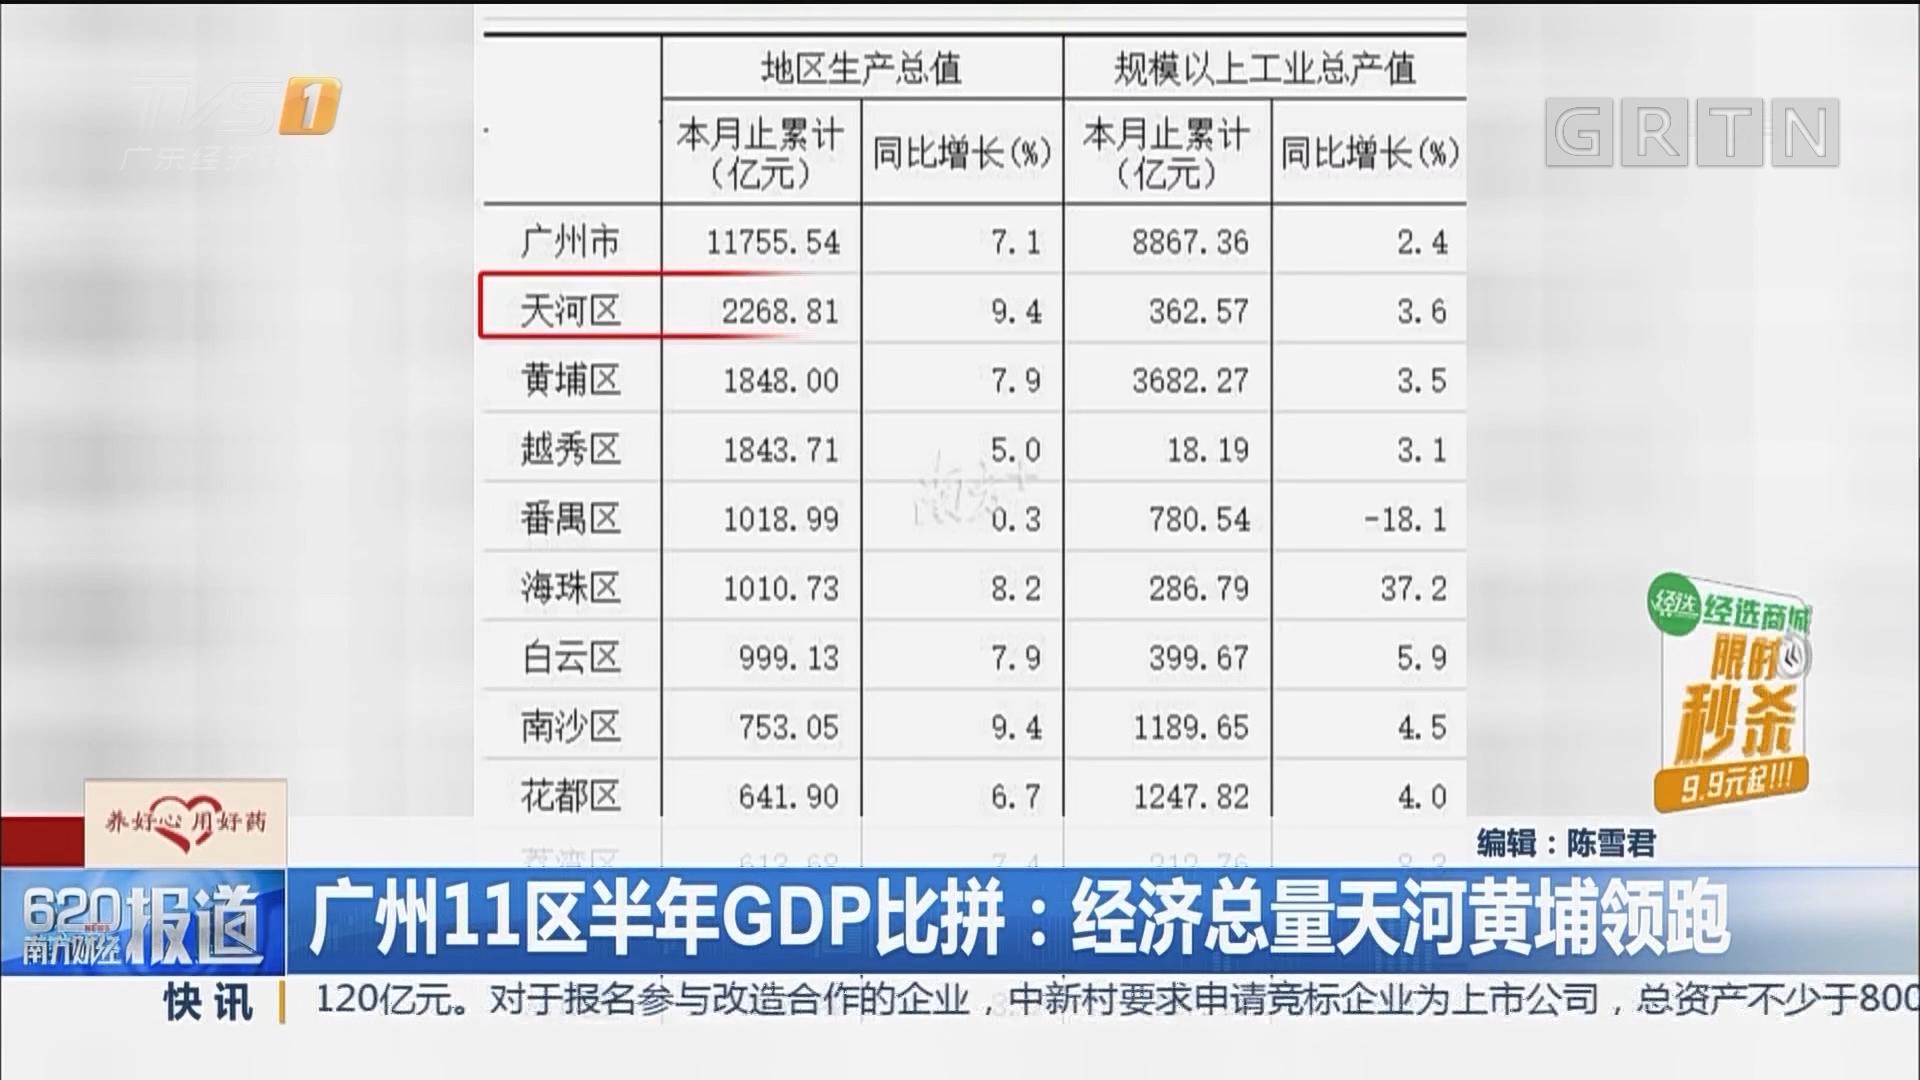 广州11区半年GDP比拼:经济总量天河黄埔领跑